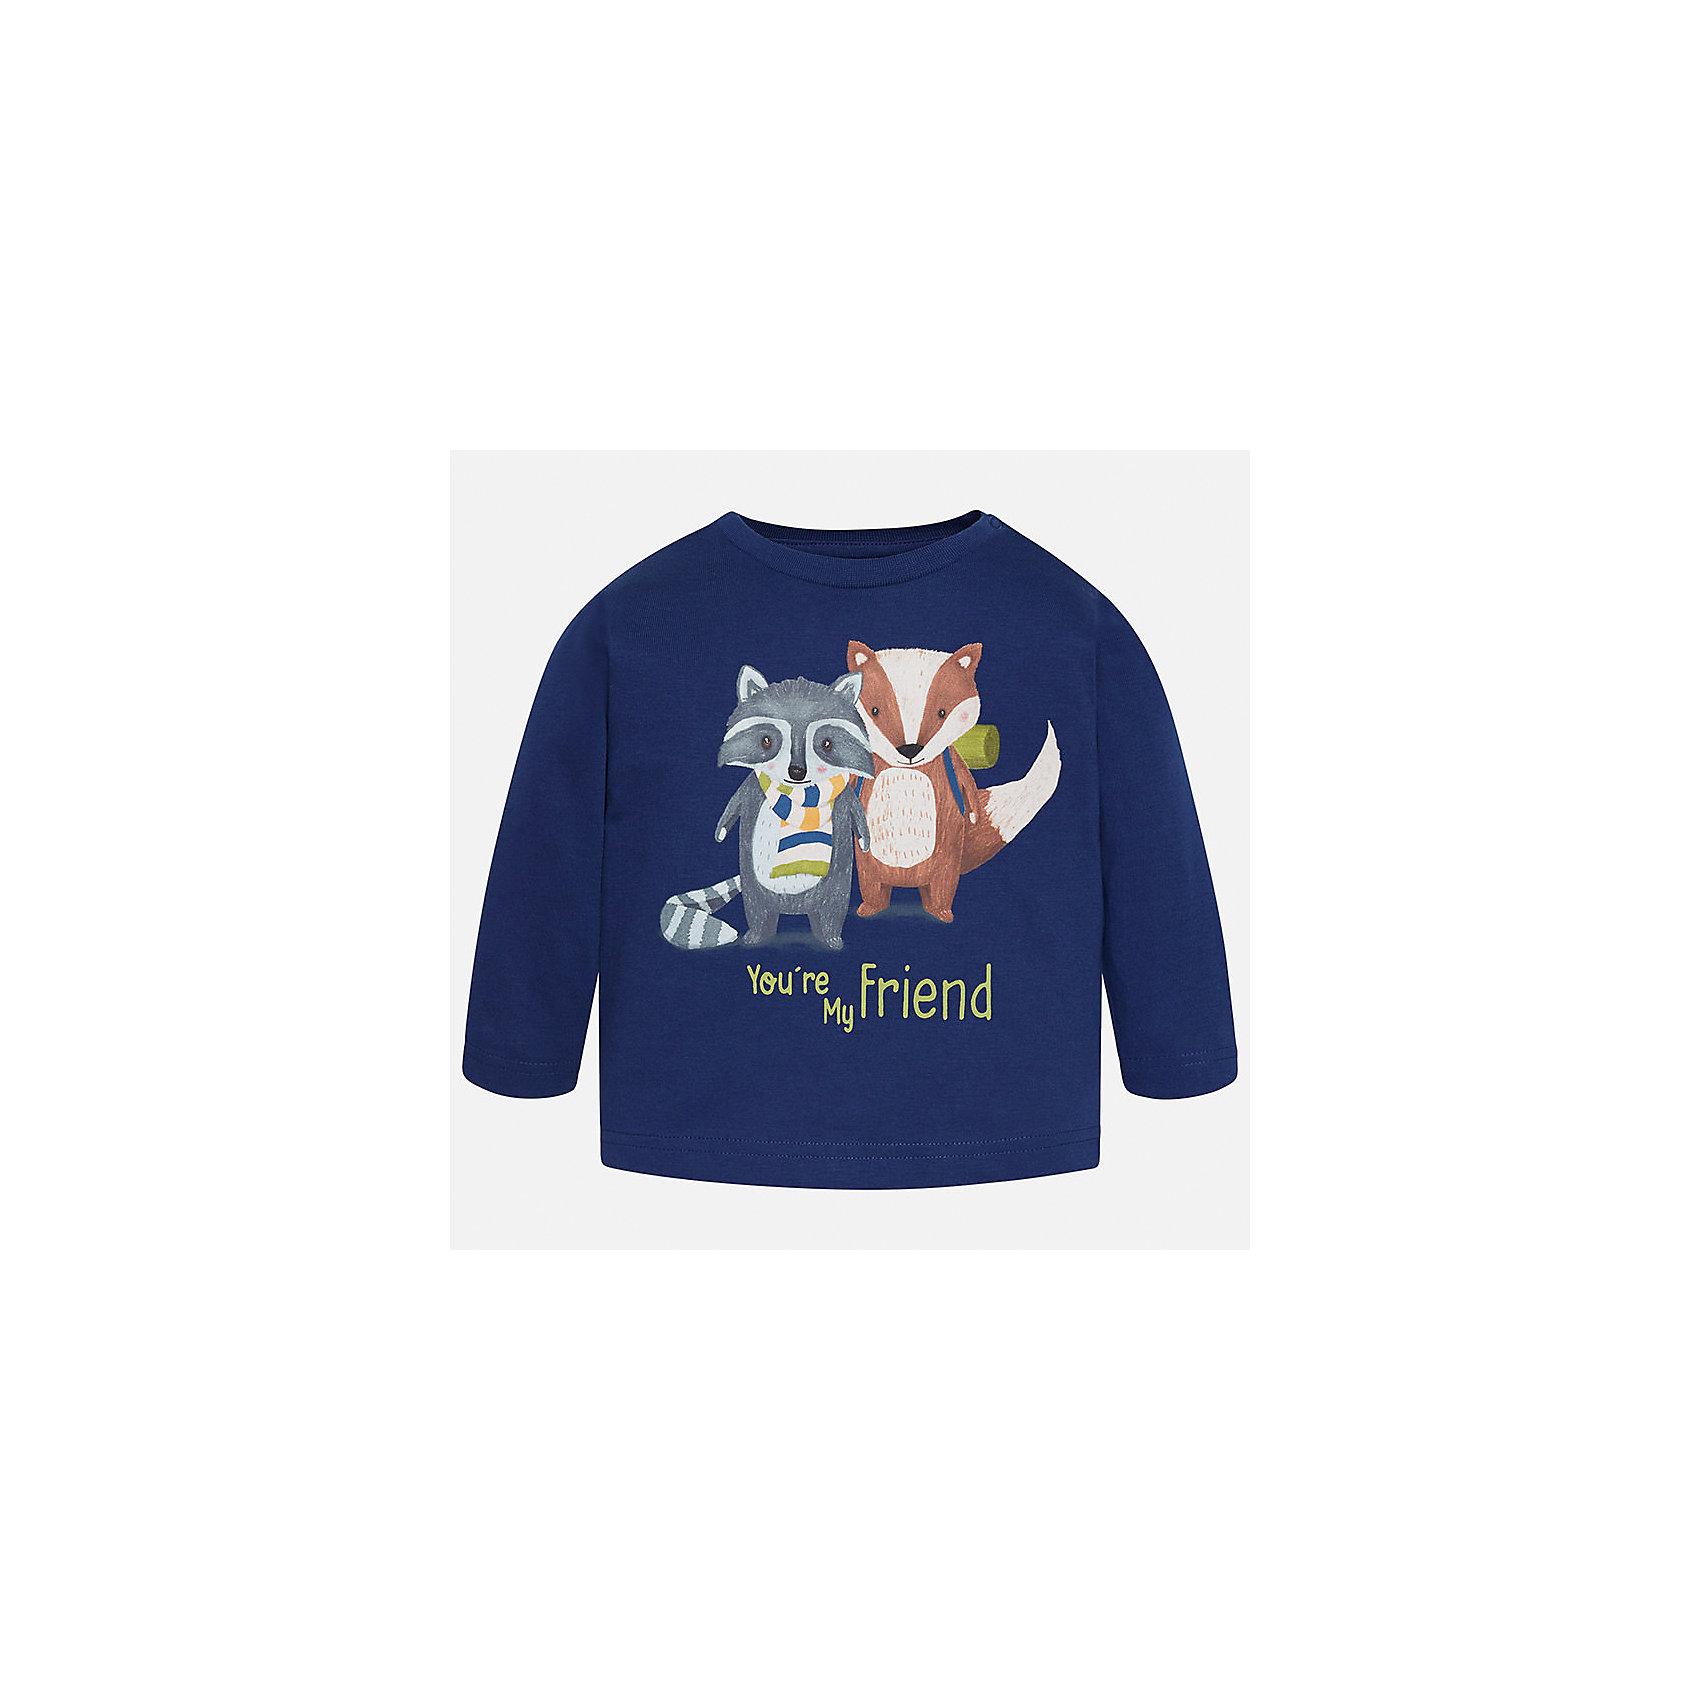 Футболка с длинным рукавом для мальчика MayoralФутболки с длинным рукавом<br>Характеристики товара:<br><br>• цвет: синий;<br>• состав ткани: 100% хлопок;<br>• длинный рукав;<br>• рисунок: принт;<br>• кнопка на воротнике;<br>• сезон: демисезон;<br>• страна бренда: Испания;<br>• страна изготовитель: Индия.<br><br>Лонгслив для мальчика от популярного бренда Mayoral  выполнен из натурального хлопка, ткань эластичная и приятная на ощупь. Однотонная модель декорирована спереди принтом с изображением веселых друзей-зверят, имеет круглый вырез и дополнен кнопками по плечевому шву для удобства переодевания малыша.  <br><br>Очень практичная и долгая в носке модель, цвет не тускнеет, смотрится аккуратно и стильно. Лонгслив синего цвета идеально пододойдет для повседневной одежды  для дома, так и на прогулку.<br><br>Для производства детской одежды популярный бренд Mayoral используют только качественную фурнитуру и материалы. Оригинальные и модные вещи от Майорал неизменно привлекают внимание и нравятся детям.<br><br>Лонгслив для мальчика Mayoral (Майорал) можно купить в нашем интернет-магазине.<br><br>Ширина мм: 230<br>Глубина мм: 40<br>Высота мм: 220<br>Вес г: 250<br>Цвет: синий<br>Возраст от месяцев: 24<br>Возраст до месяцев: 36<br>Пол: Мужской<br>Возраст: Детский<br>Размер: 98,80,74,86,92<br>SKU: 6932416